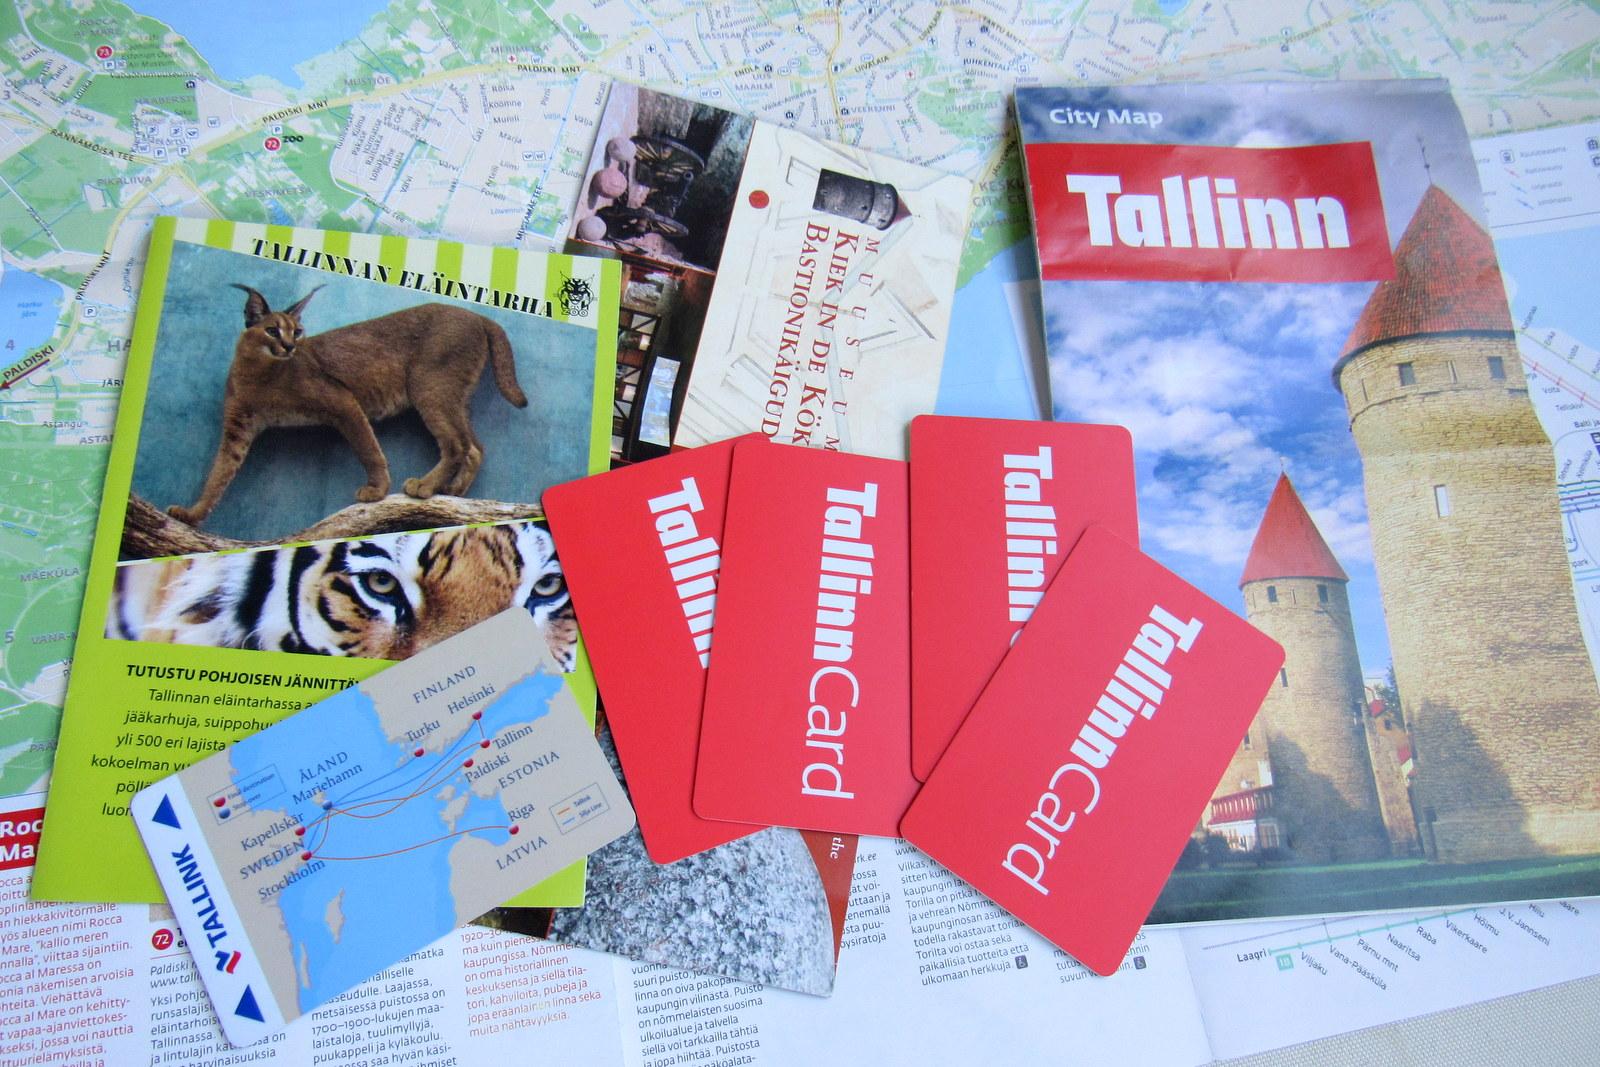 Tallinna lapsille - Tallinn Card.